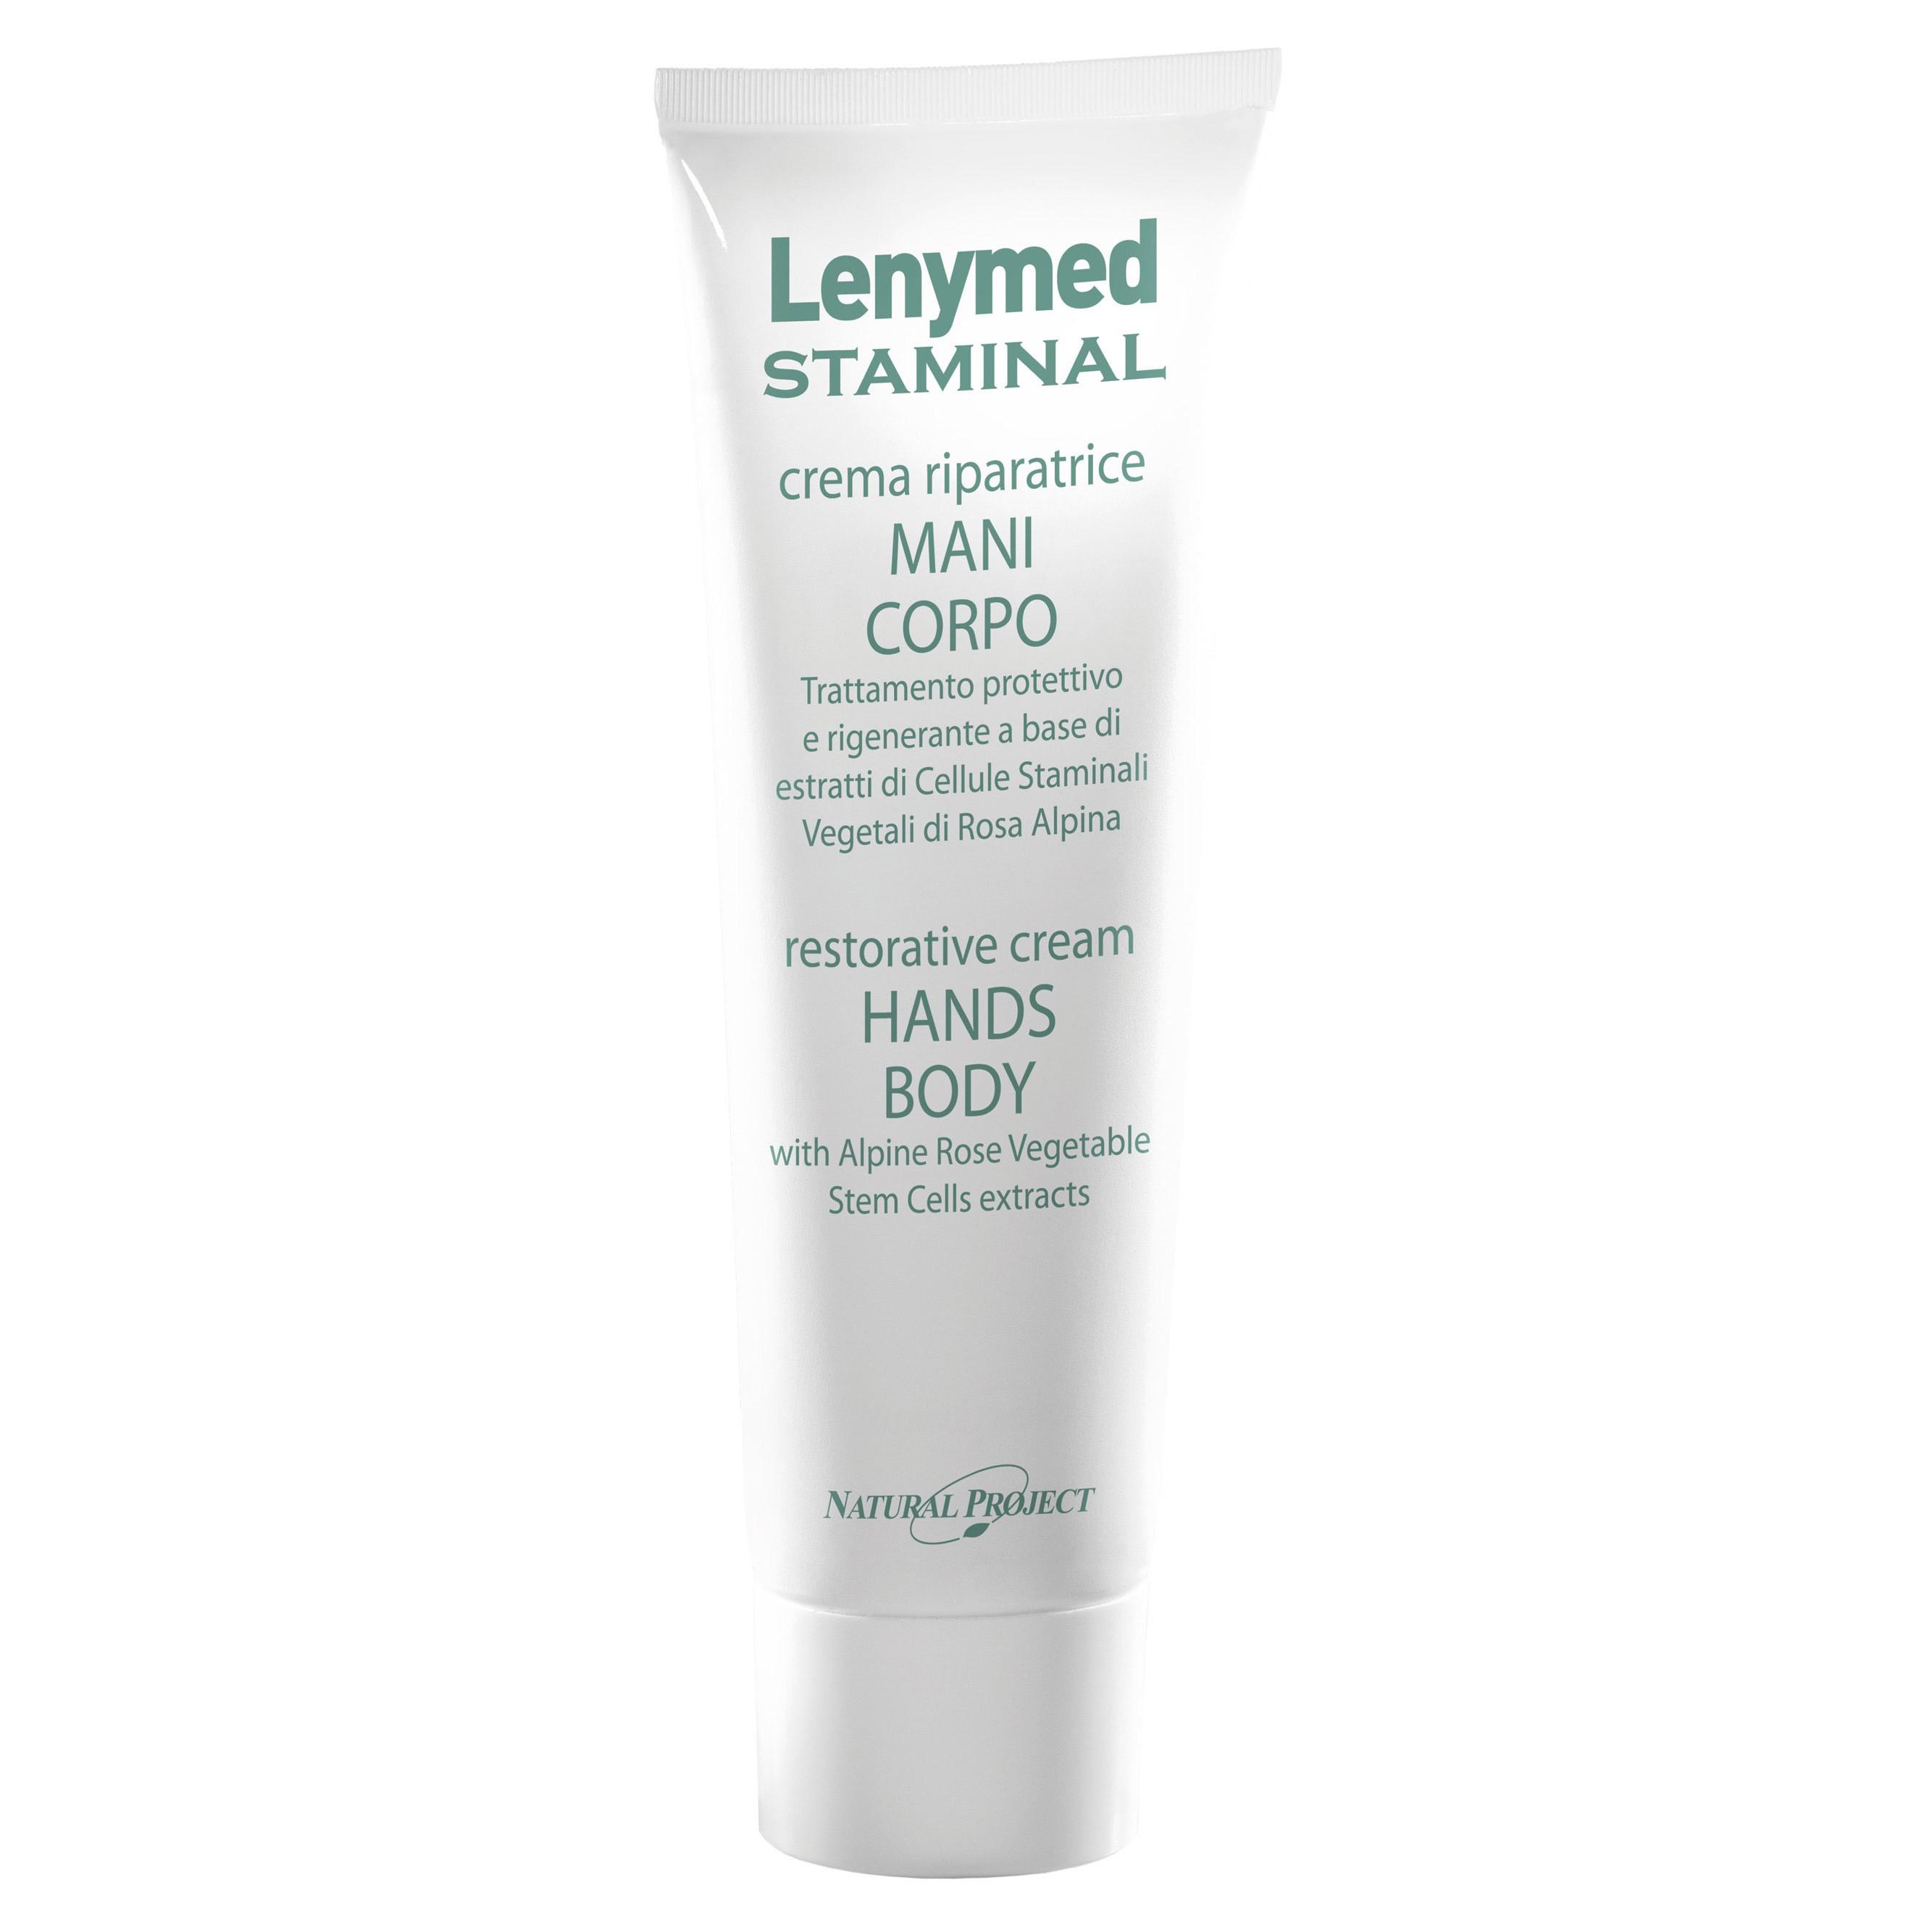 IODASE Крем для рук и тела / Lenimed staminal 150 млКремы<br>Все типы кожи, независимо от возраста, часто испытывают стресс, который приводит к сухости и раздражению кожи, к ее покраснению и появлению мелких трещин. Этот крем, содержащий гиалуроновую кислоту, стволовые клетки альпийской розы, экстракт алое, ферменты морских бактерий эффективно увлажняет кожу, стимулирует ее регенерацию, восстанавливает клетки эпидермиса. Крем действует на глубине, защищая даже здоровую кожу от раздражения, которому она может подвергаться под действием солнца или холода, излишней влажности или сухости. Уже после первого применения вы ощутите как кожа станет мягкой и шелковистой. Нежный крем жидкой консистенции не оставляет &amp;laquo;жирных&amp;raquo; следов &amp;ndash; он легкий, быстро впитывается, моментально успокаивает кожу.  Активные ингредиенты: Стволовые растительные клетки альпийской розы, гиалуроновая кислота.  Способ применения: Наносить крем 1-2 раза в день на интересующие зоны, массируя до полного впитывания средства.  Меры предосторожности и противопоказания: Избегать попадания в глаза и на слизистые части, в случае попадания немедленно промыть водой. Предназначено для наружного применения. Хранить в прохладном месте, не доступном для детей. Не применять во время беременности и при грудном вскармливании.<br><br>Назначение: Трещины<br>Консистенция: Жидкая